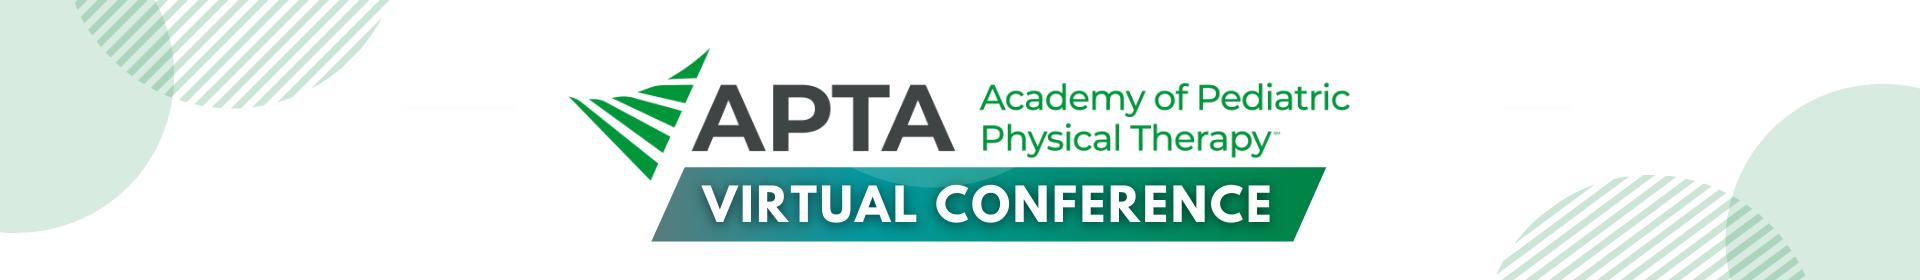 2020 APTA Pediatrics Annual Conference Event Banner